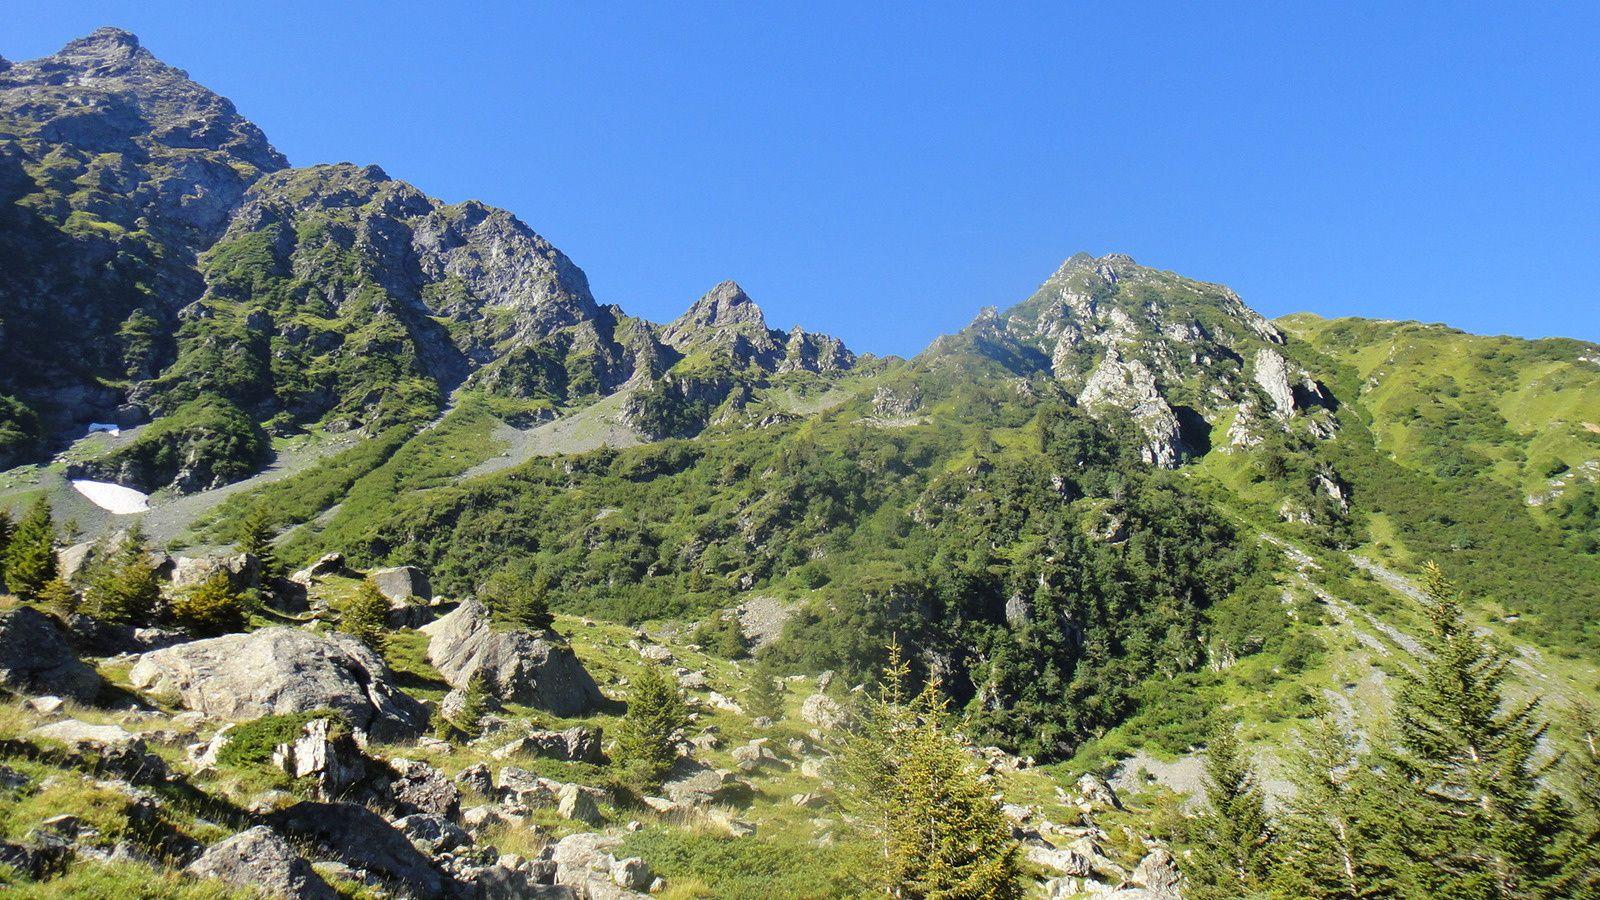 Pointe de la Sitre (2195m)